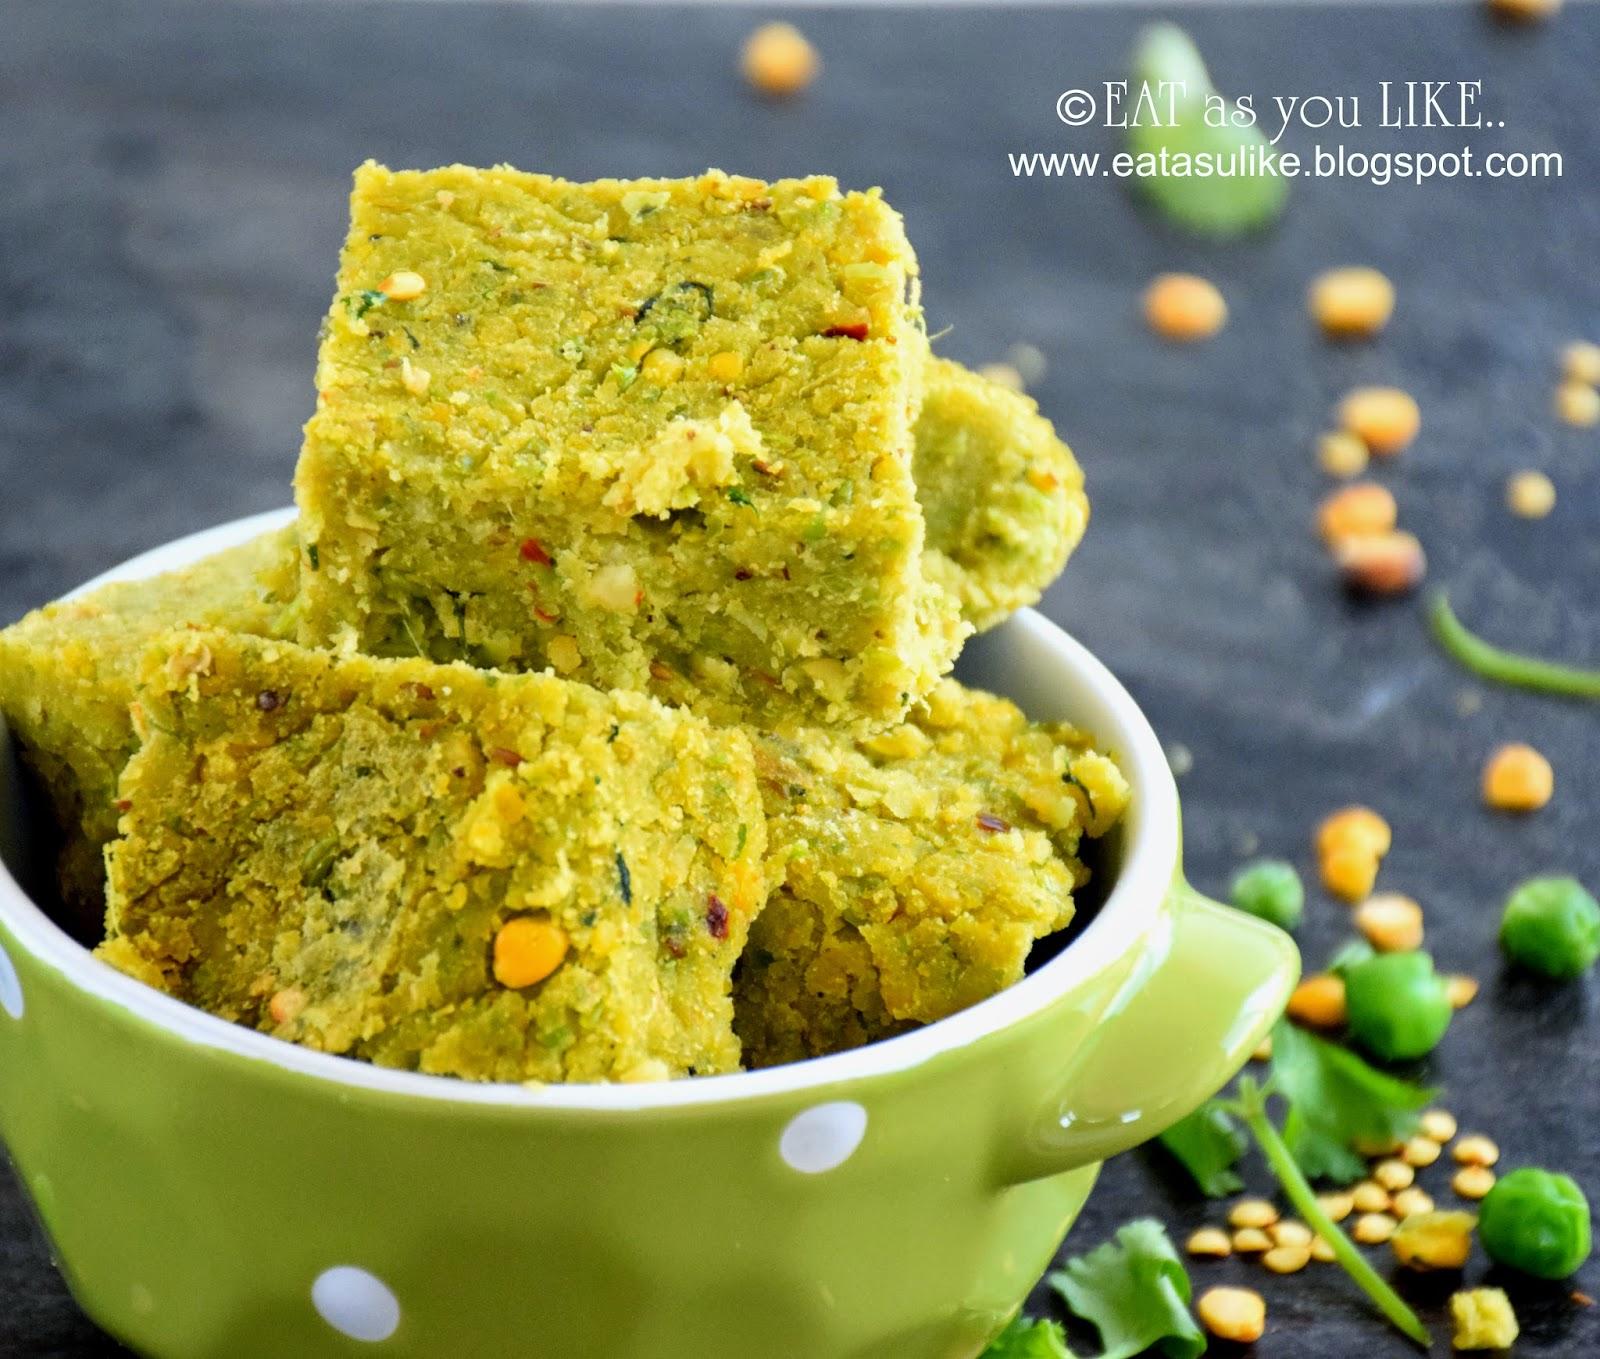 Eat as you Like: GREEN PEA AND LENTIL CAKE (KORAISHUTIR DHOKA)